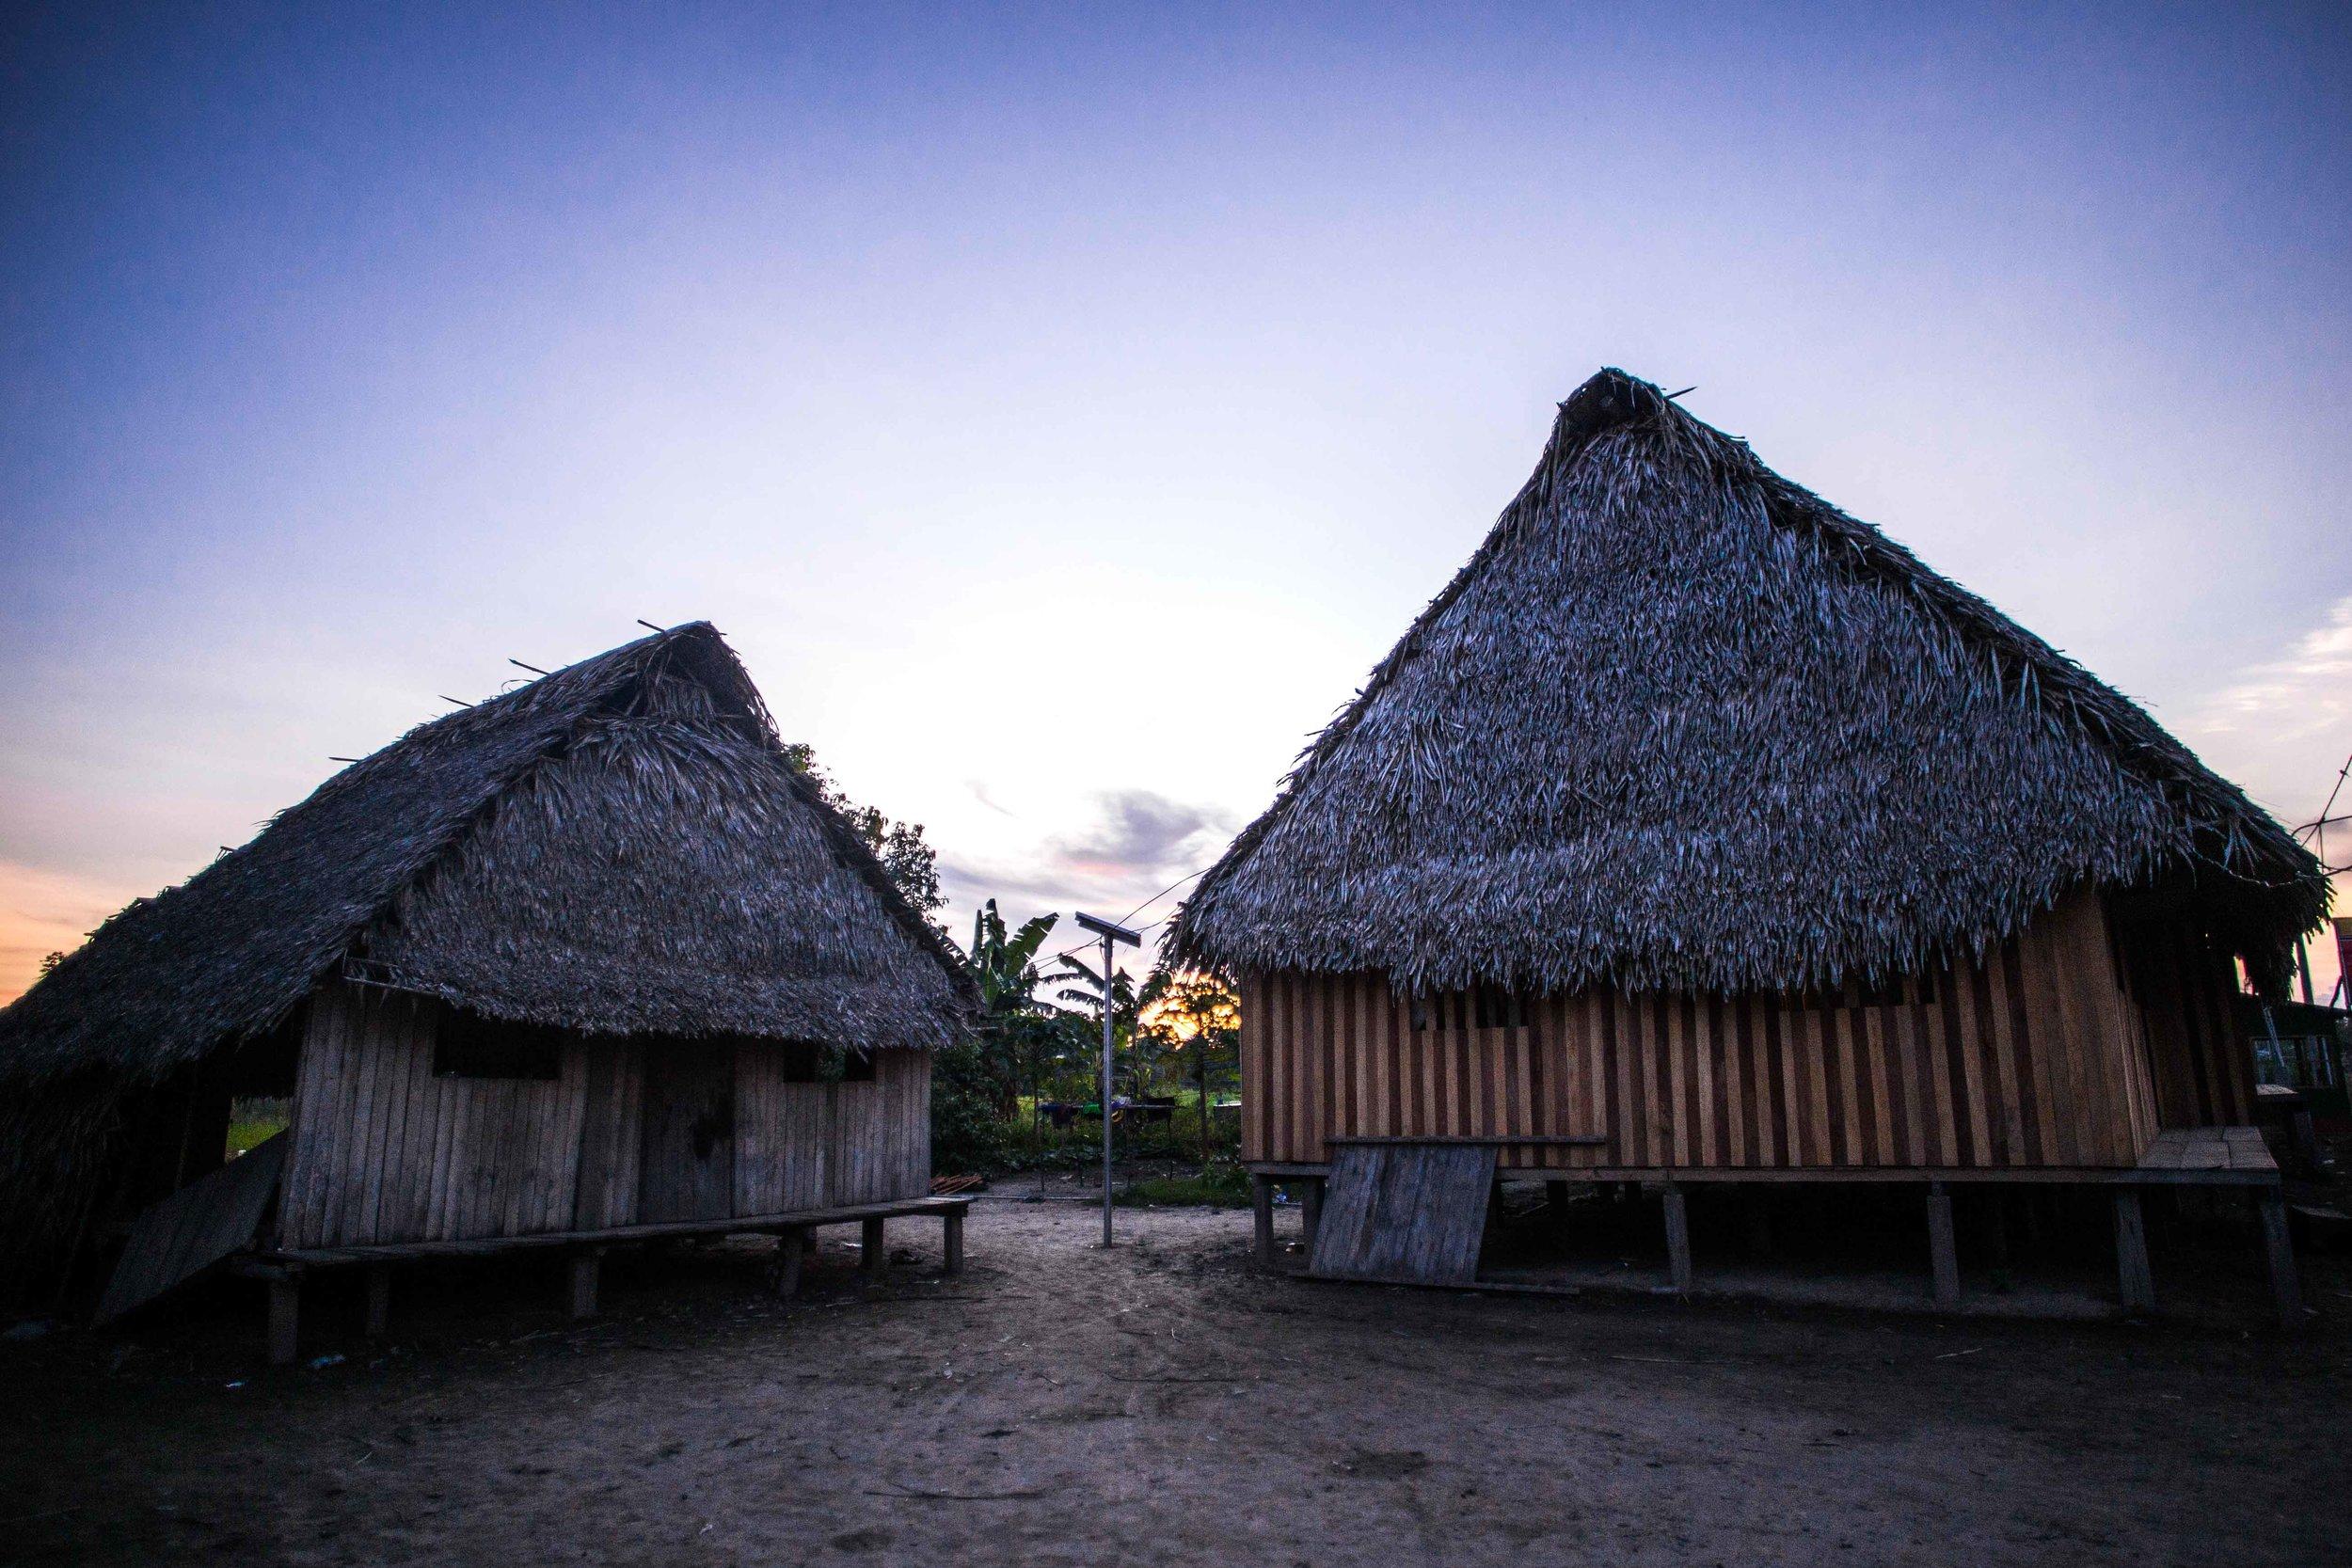 La antigua casa de Pekon Rabi a la izquierda, que ahora se usa como su taller y como un espacio para comer al lado de la cocina. La nueva casa ha sido construida con dinero recaudado del proyecto textil y es el espacio para dormir de su extensa familia.